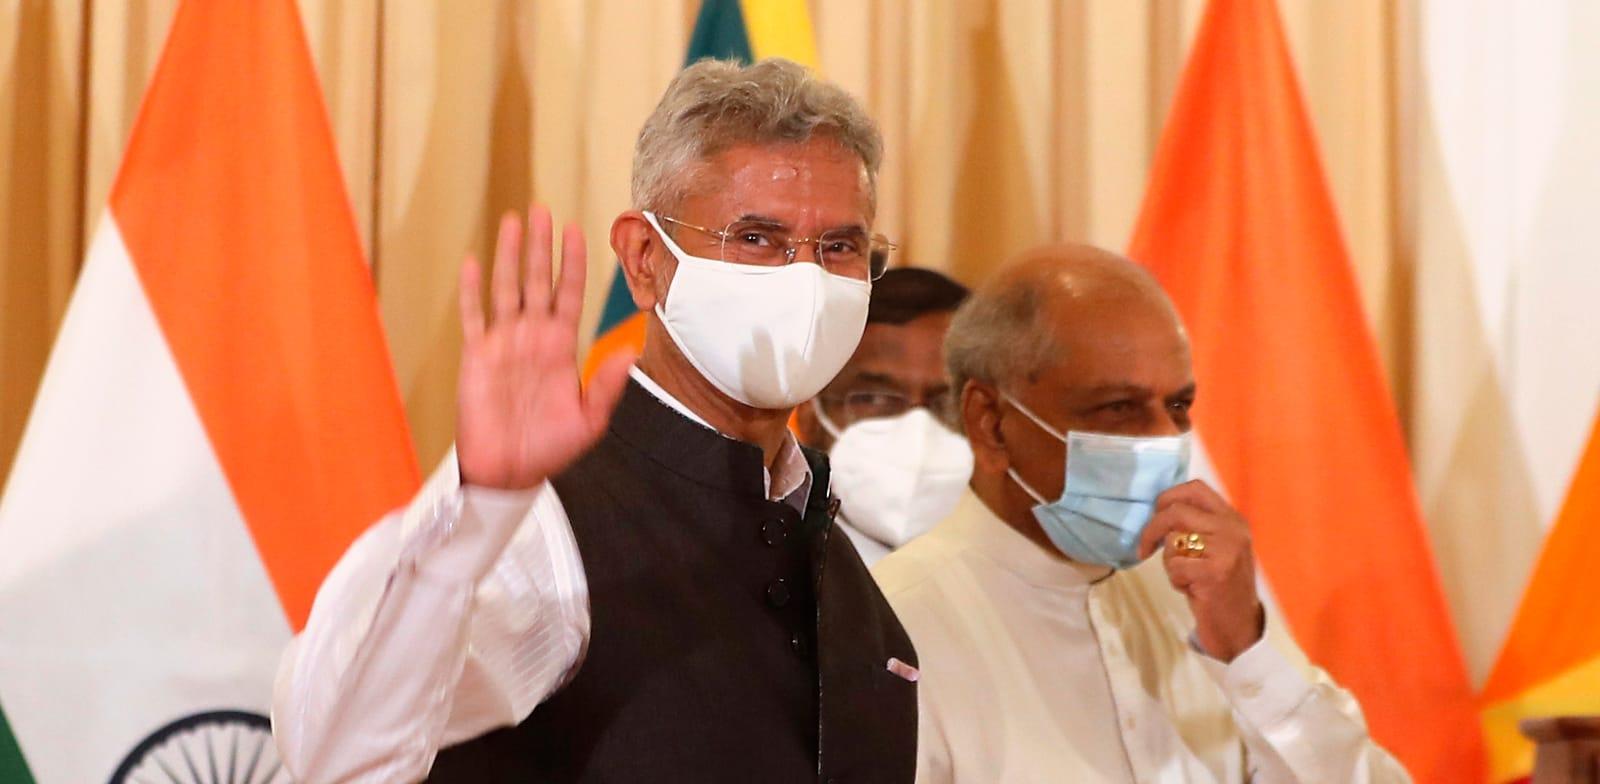 """ד""""ר ג'איישאנקאר, שר החוץ ההודי (משמאל). חצה את הקווים / צילום: Associated Press, Eranga Jayawardena"""